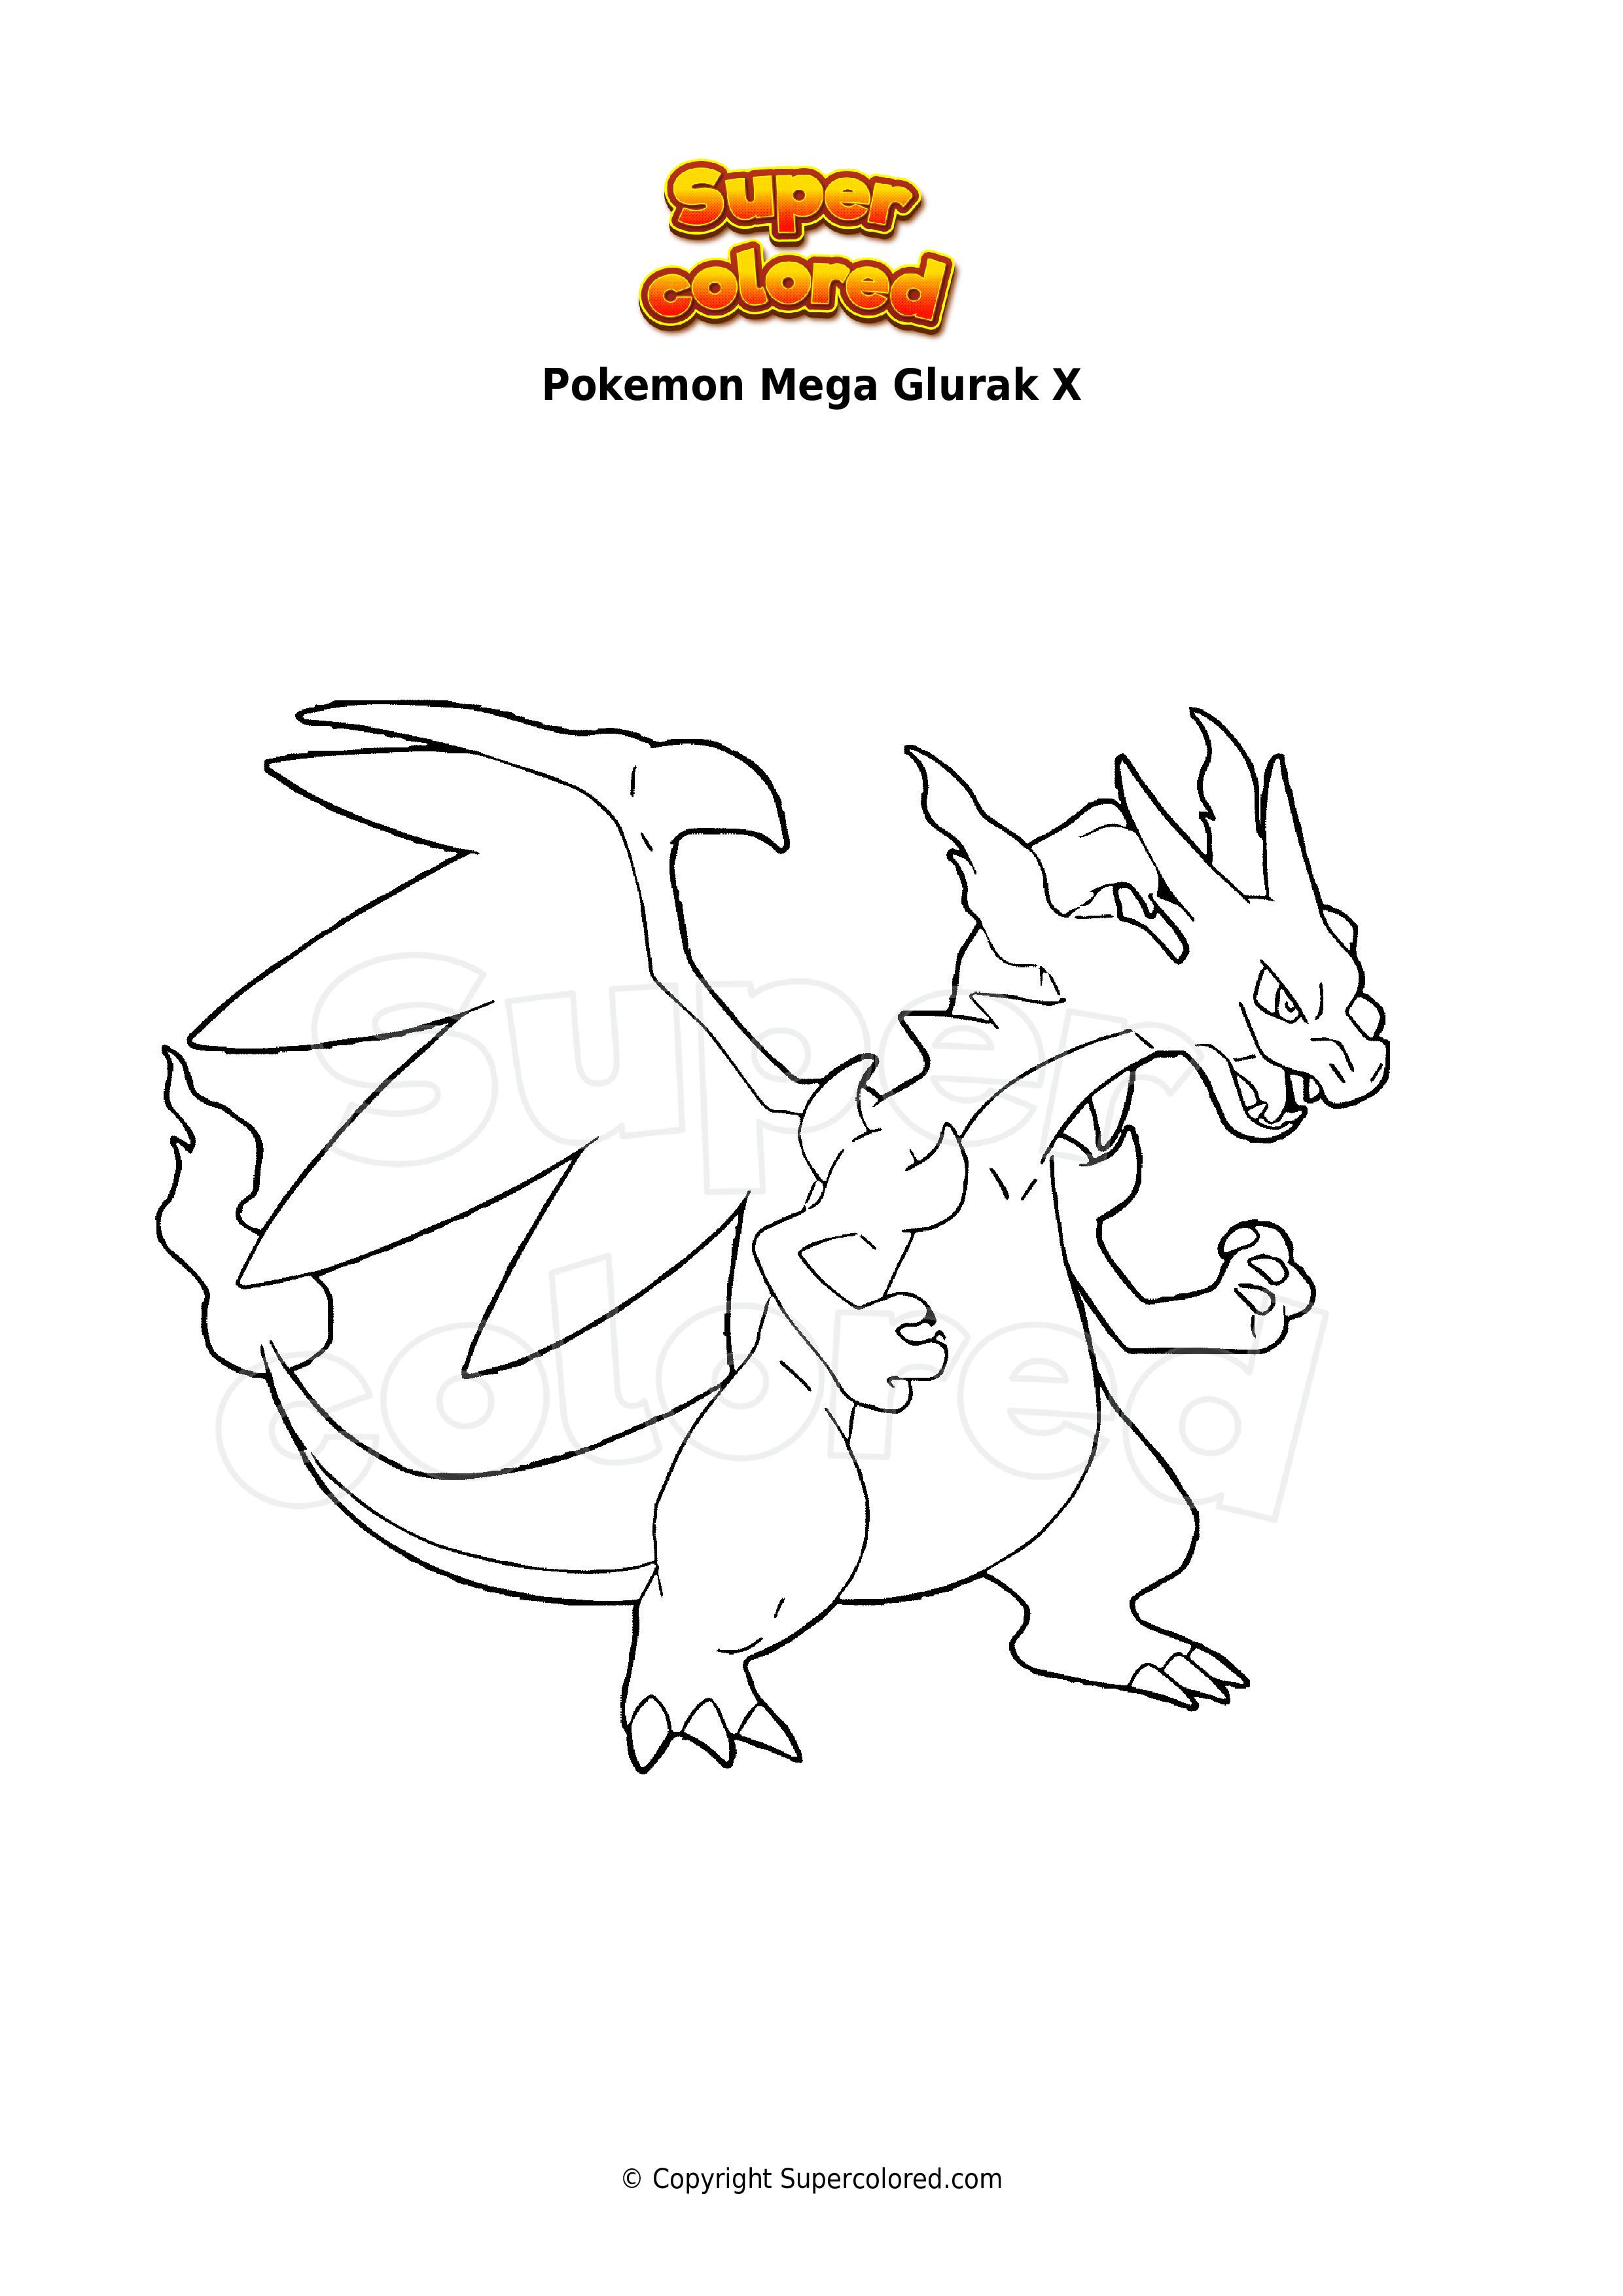 Ausmalbild Pokemon Mega Glurak X - Supercolored.com